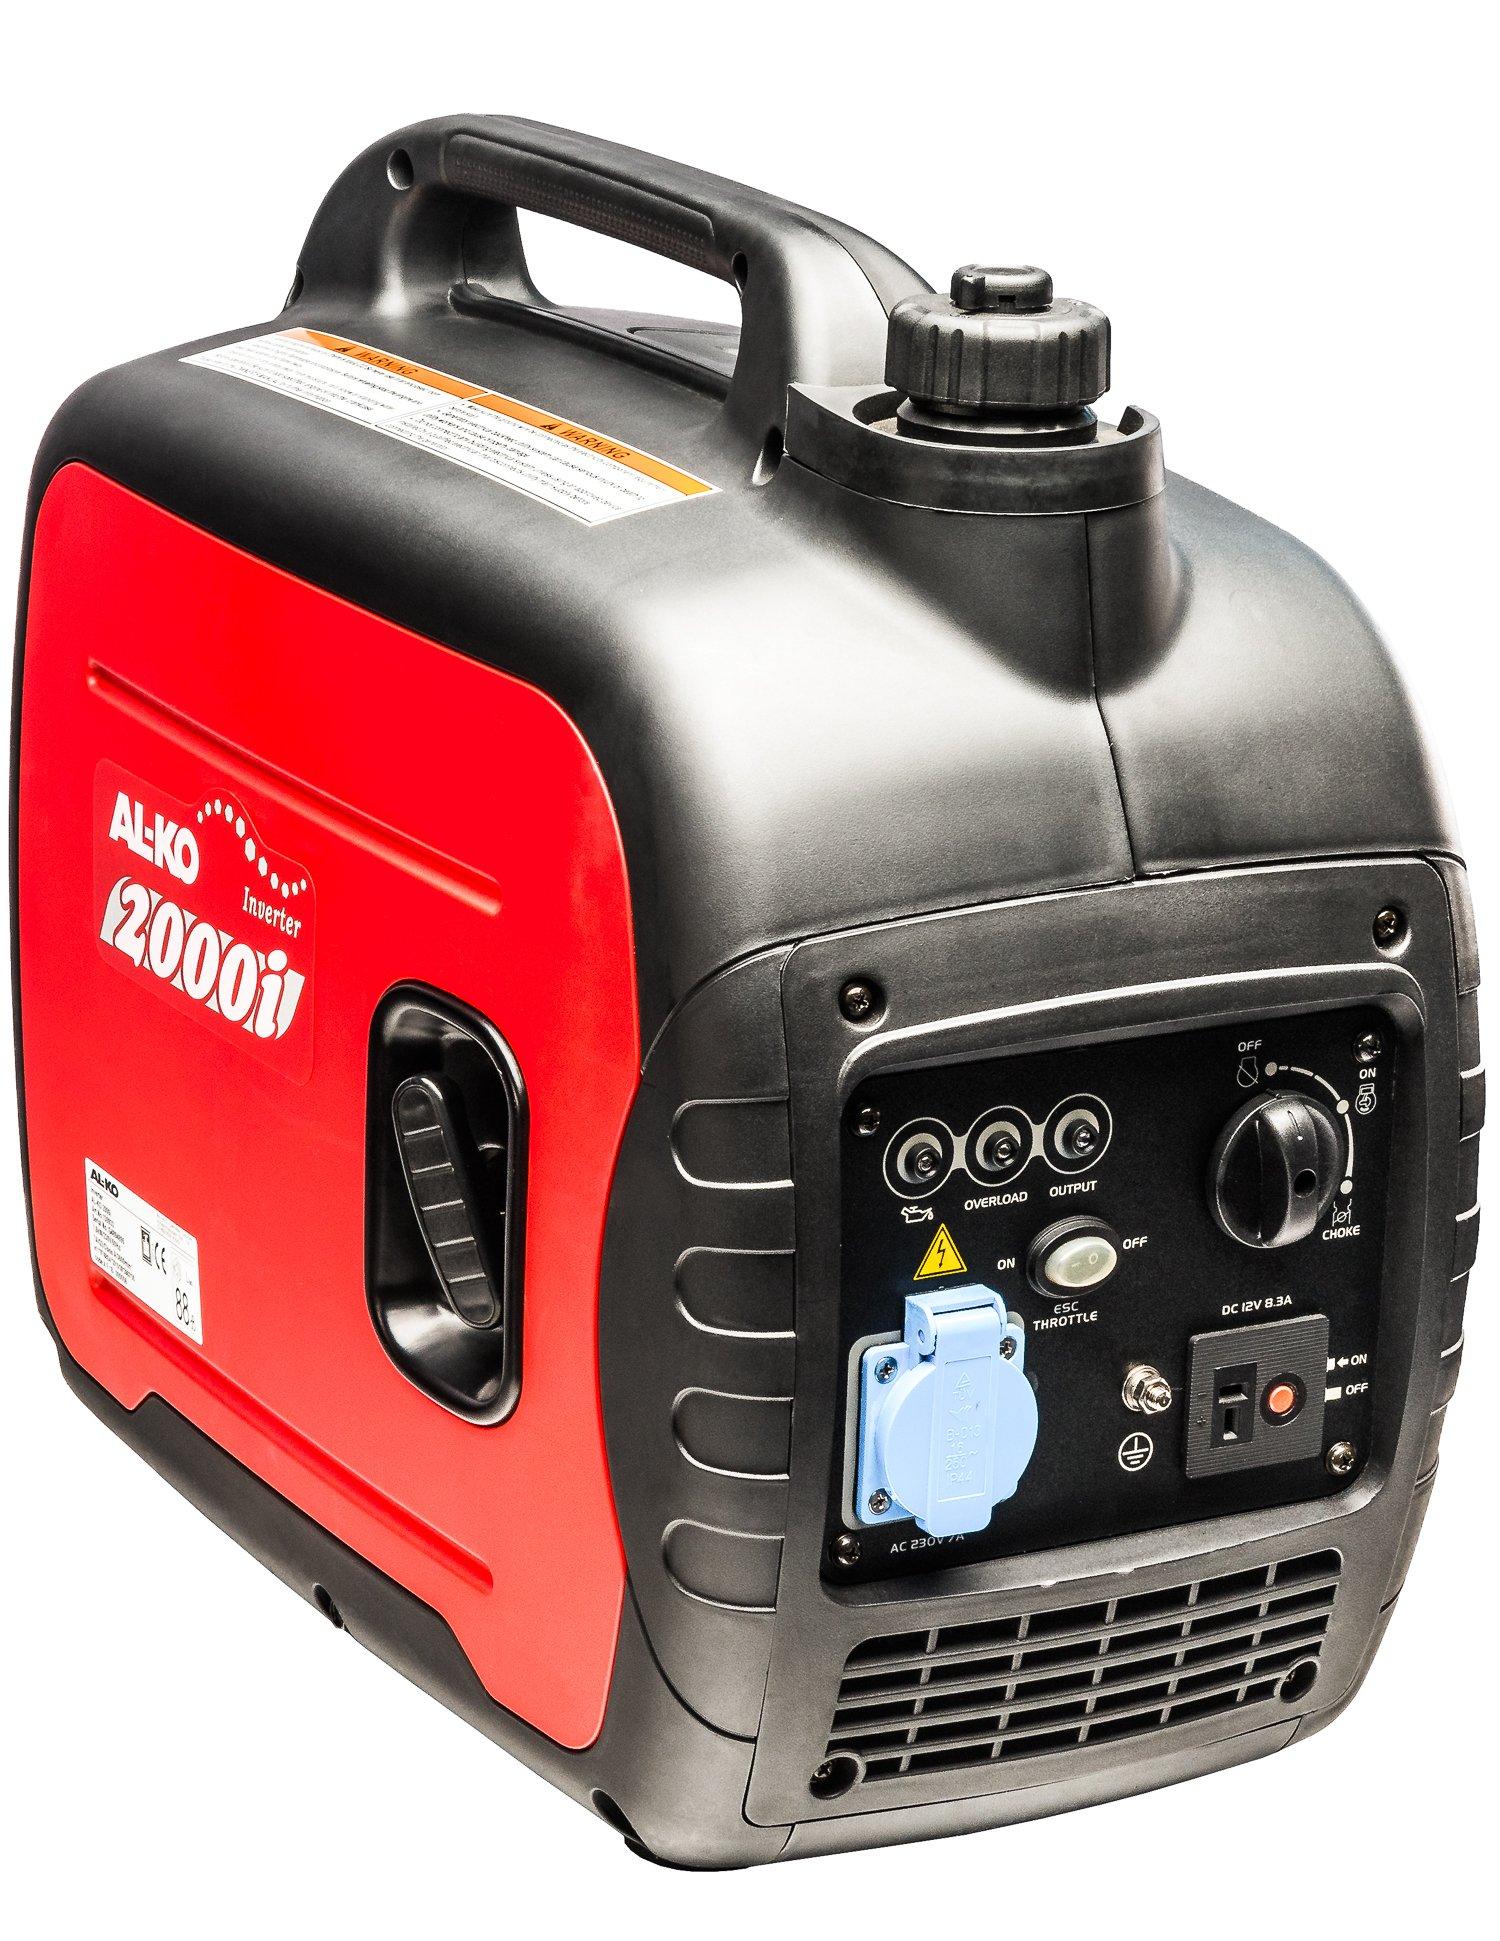 AL-KO-Stromerzeuger-2000i-16-kW-Motorleistung-79-ccm-Hubraum-4-Takt-5-Stunden-Laufzeit-max-4-L-Tankinhalt-21-kg-Gewicht-64-dBA-leise-Notstromaggregat-bei-Stromausfall